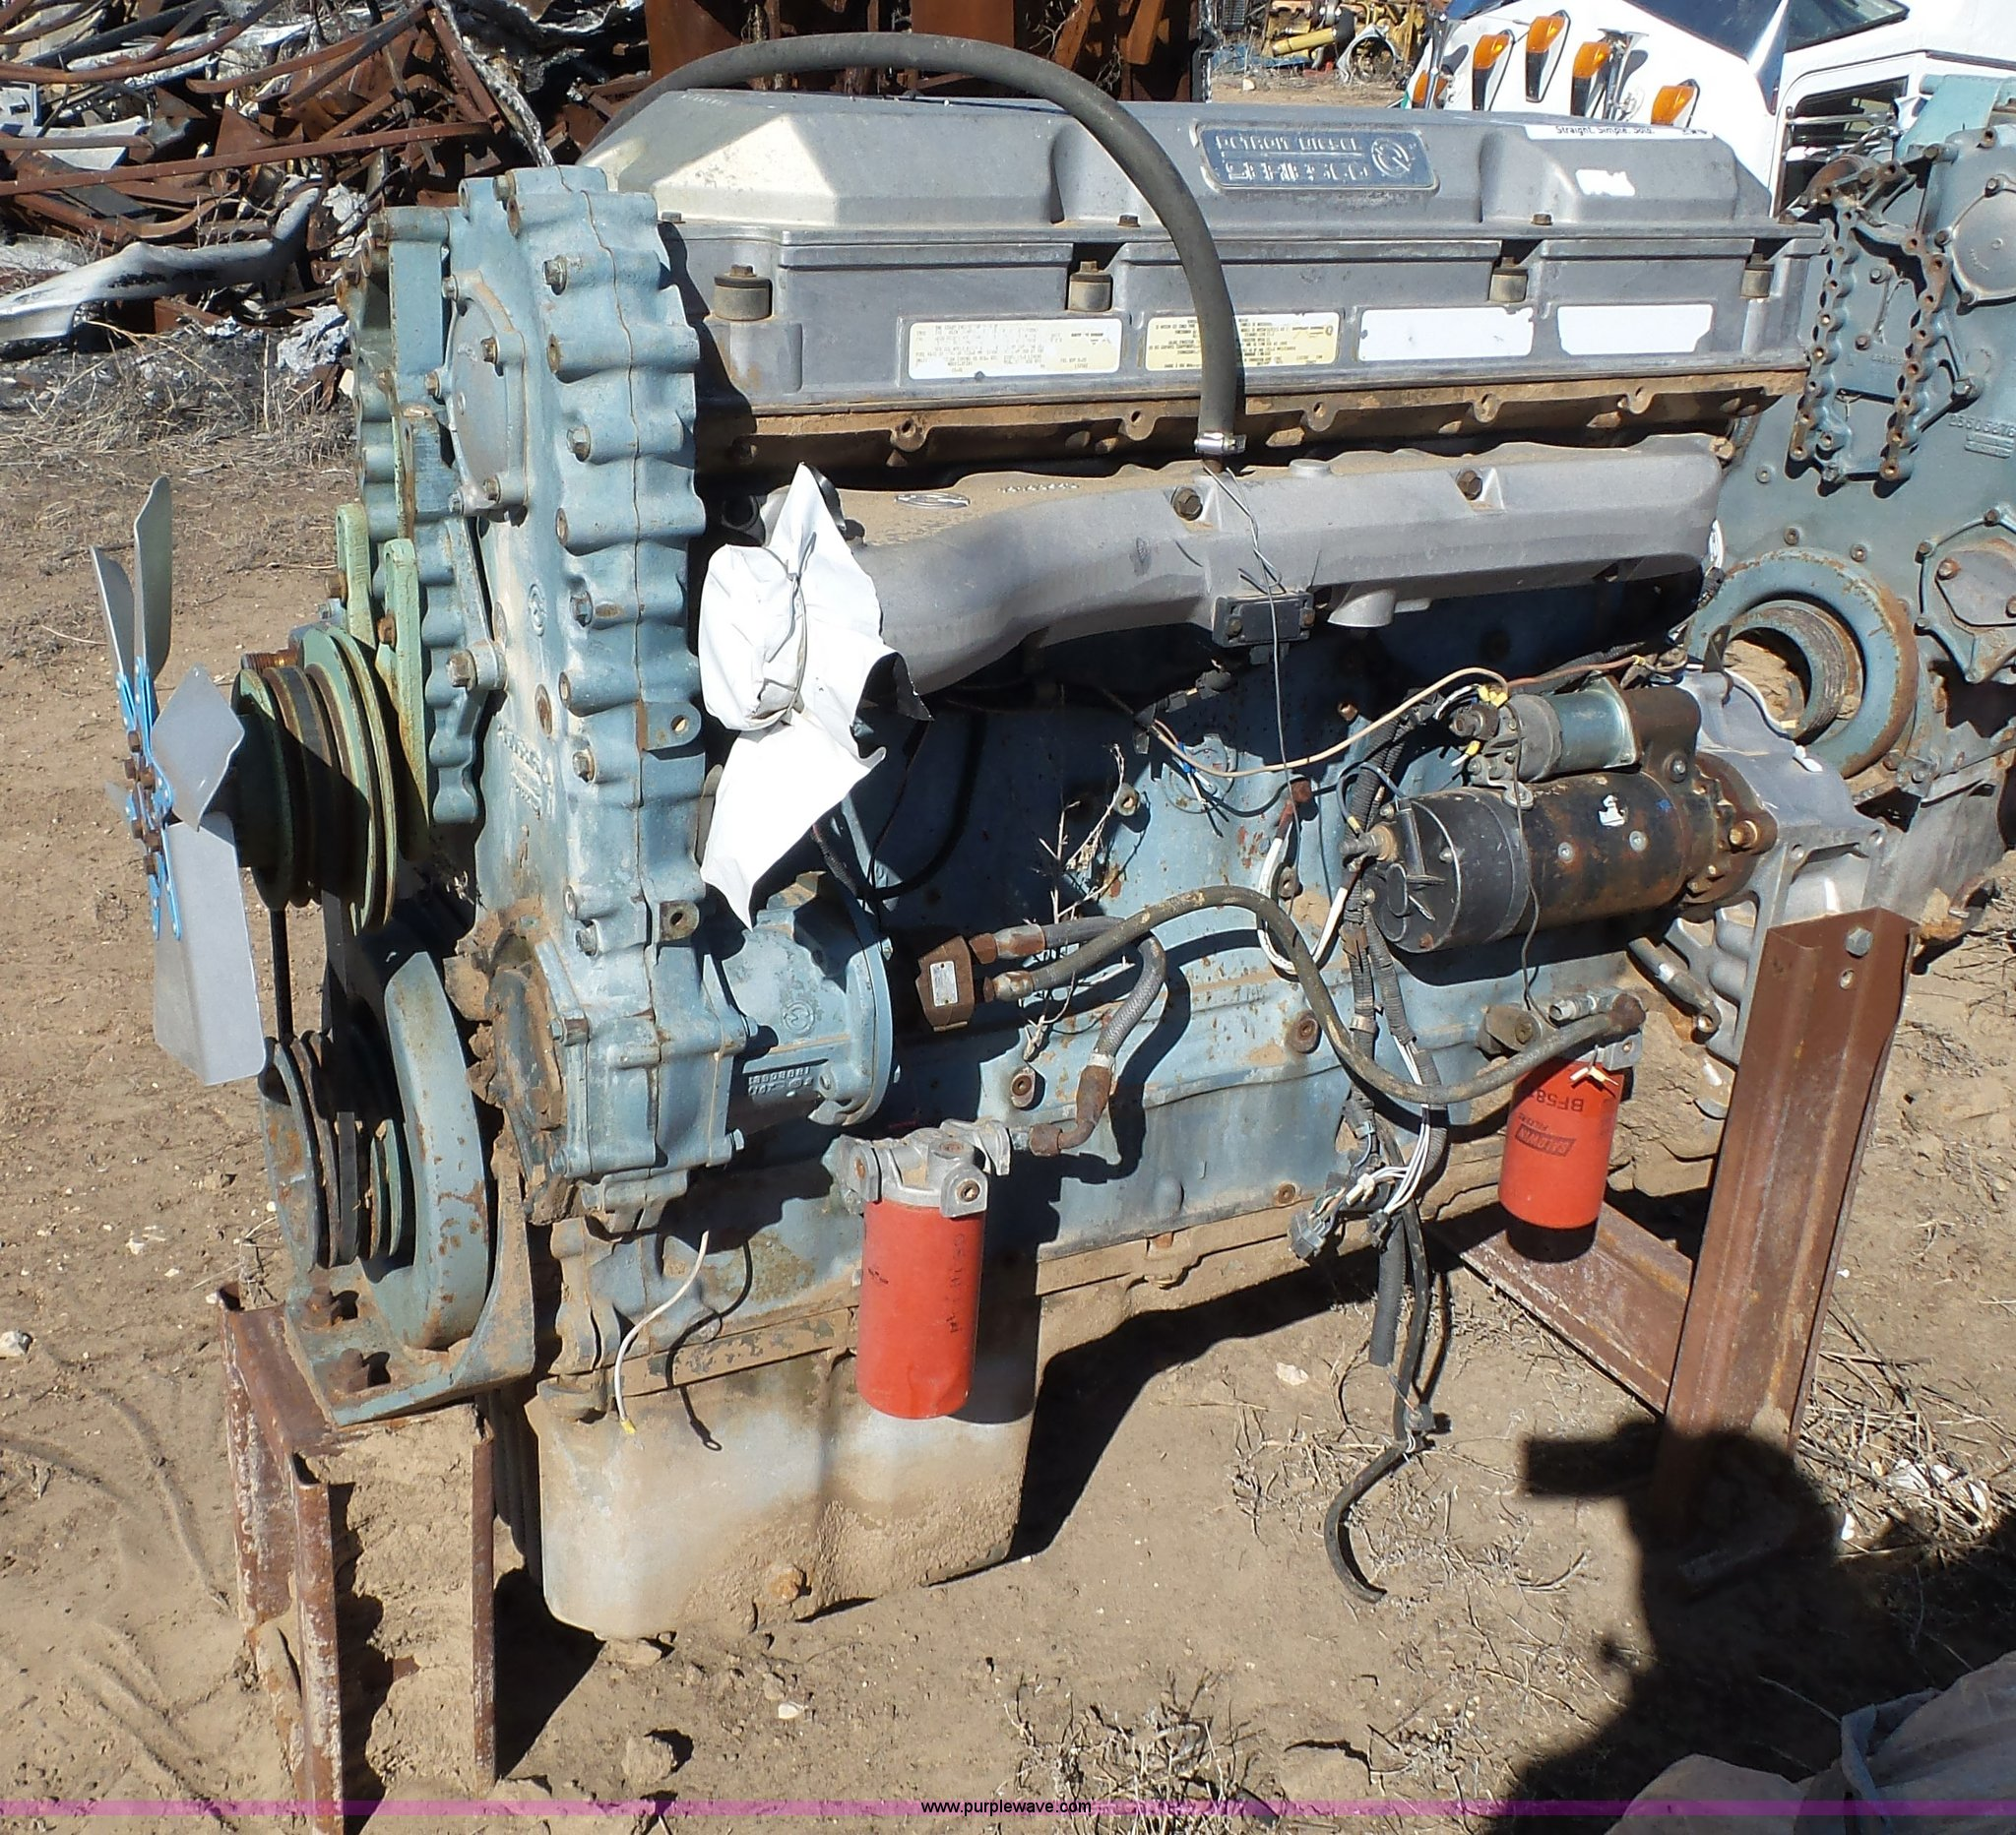 1992 Detroit Diesel Series 60 11 1L L6 turbo diesel engine |